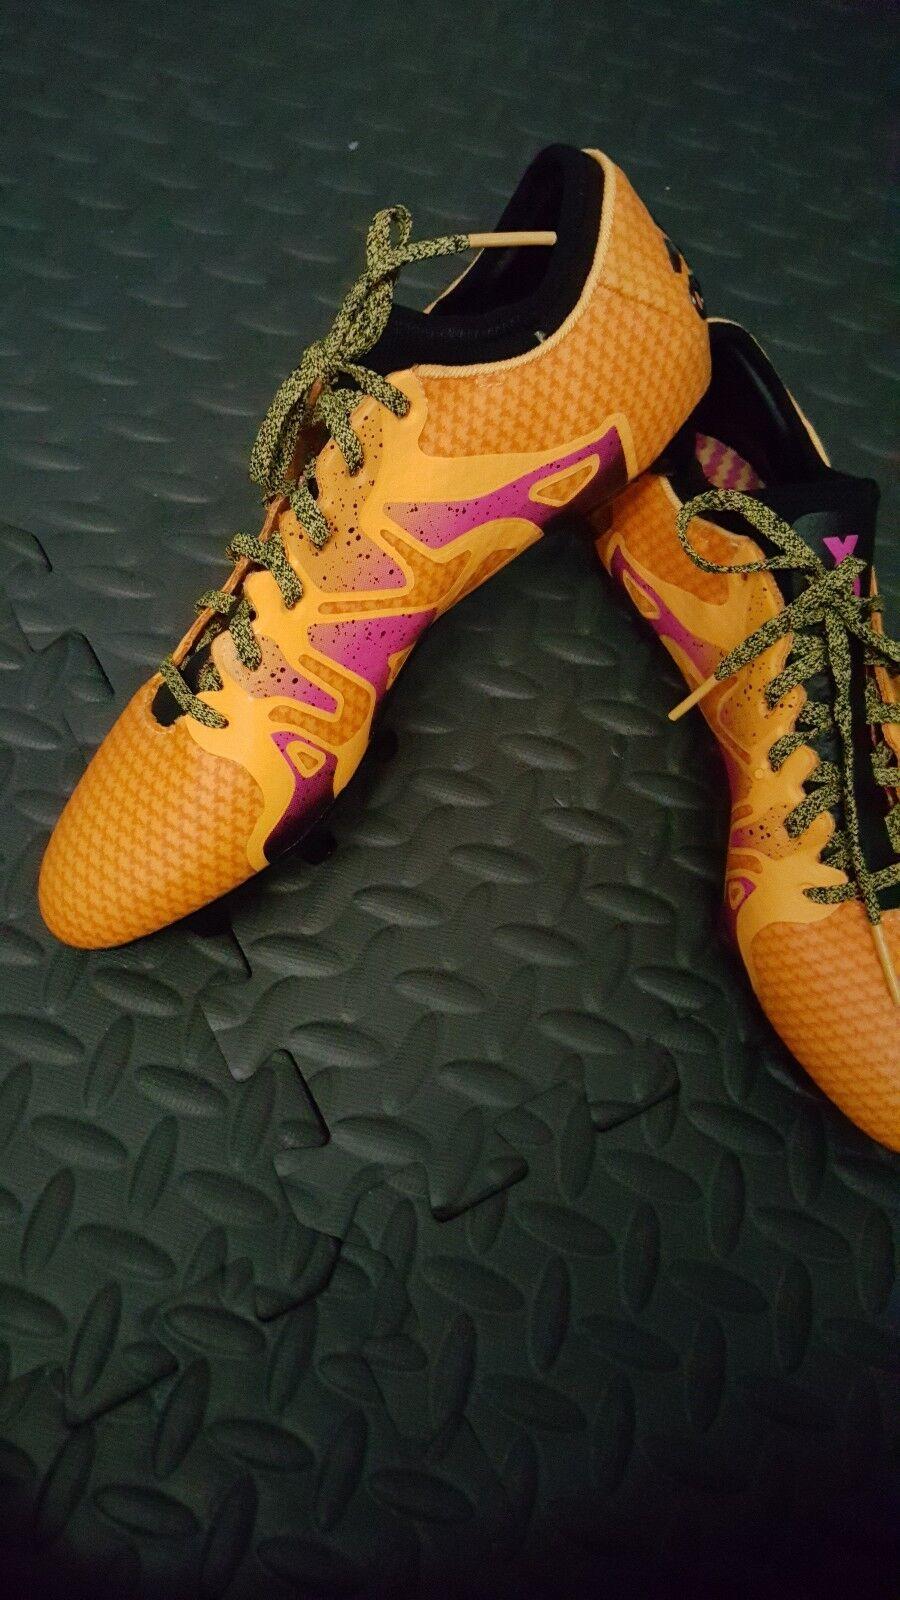 New Mens Fg/Ag adidas X 15+ Primeknit Fg/Ag Mens Orange Size 6.5 US 19e20a